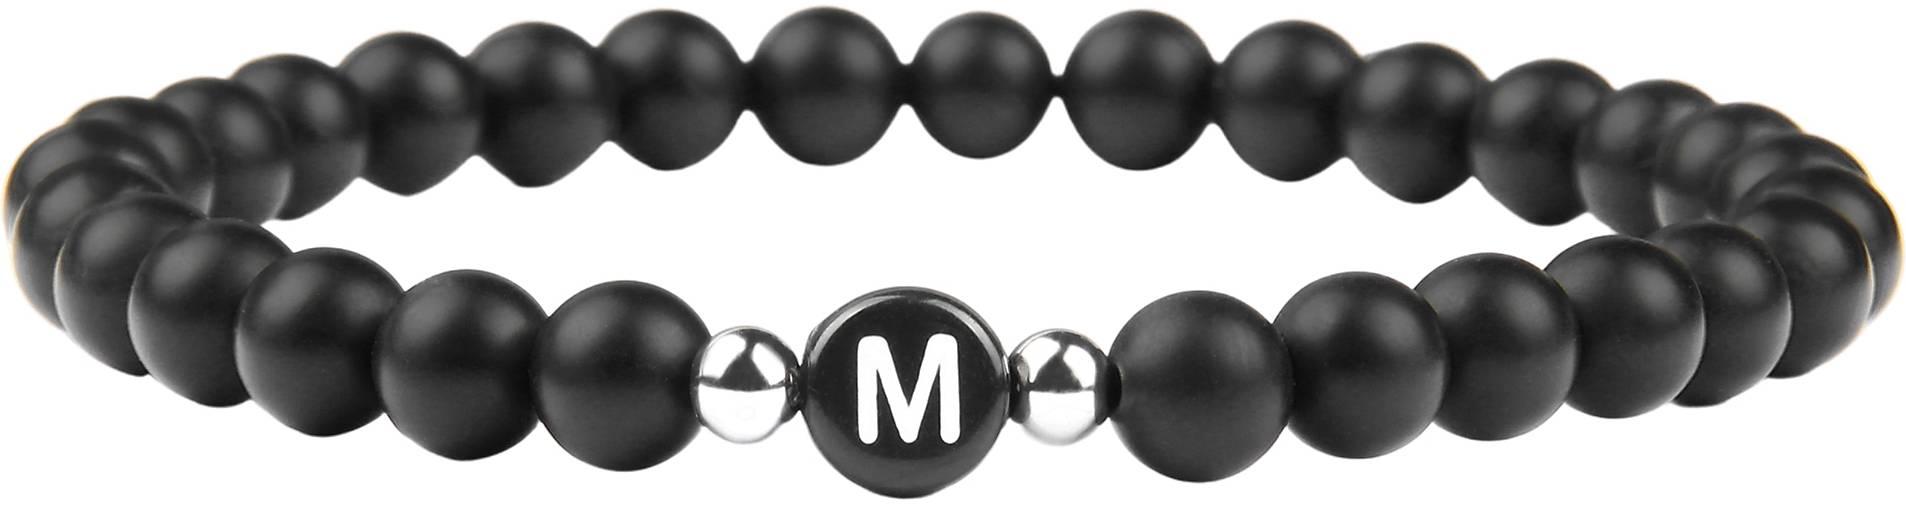 GOOD.designs Perlenarmband Buchstabenperlen M